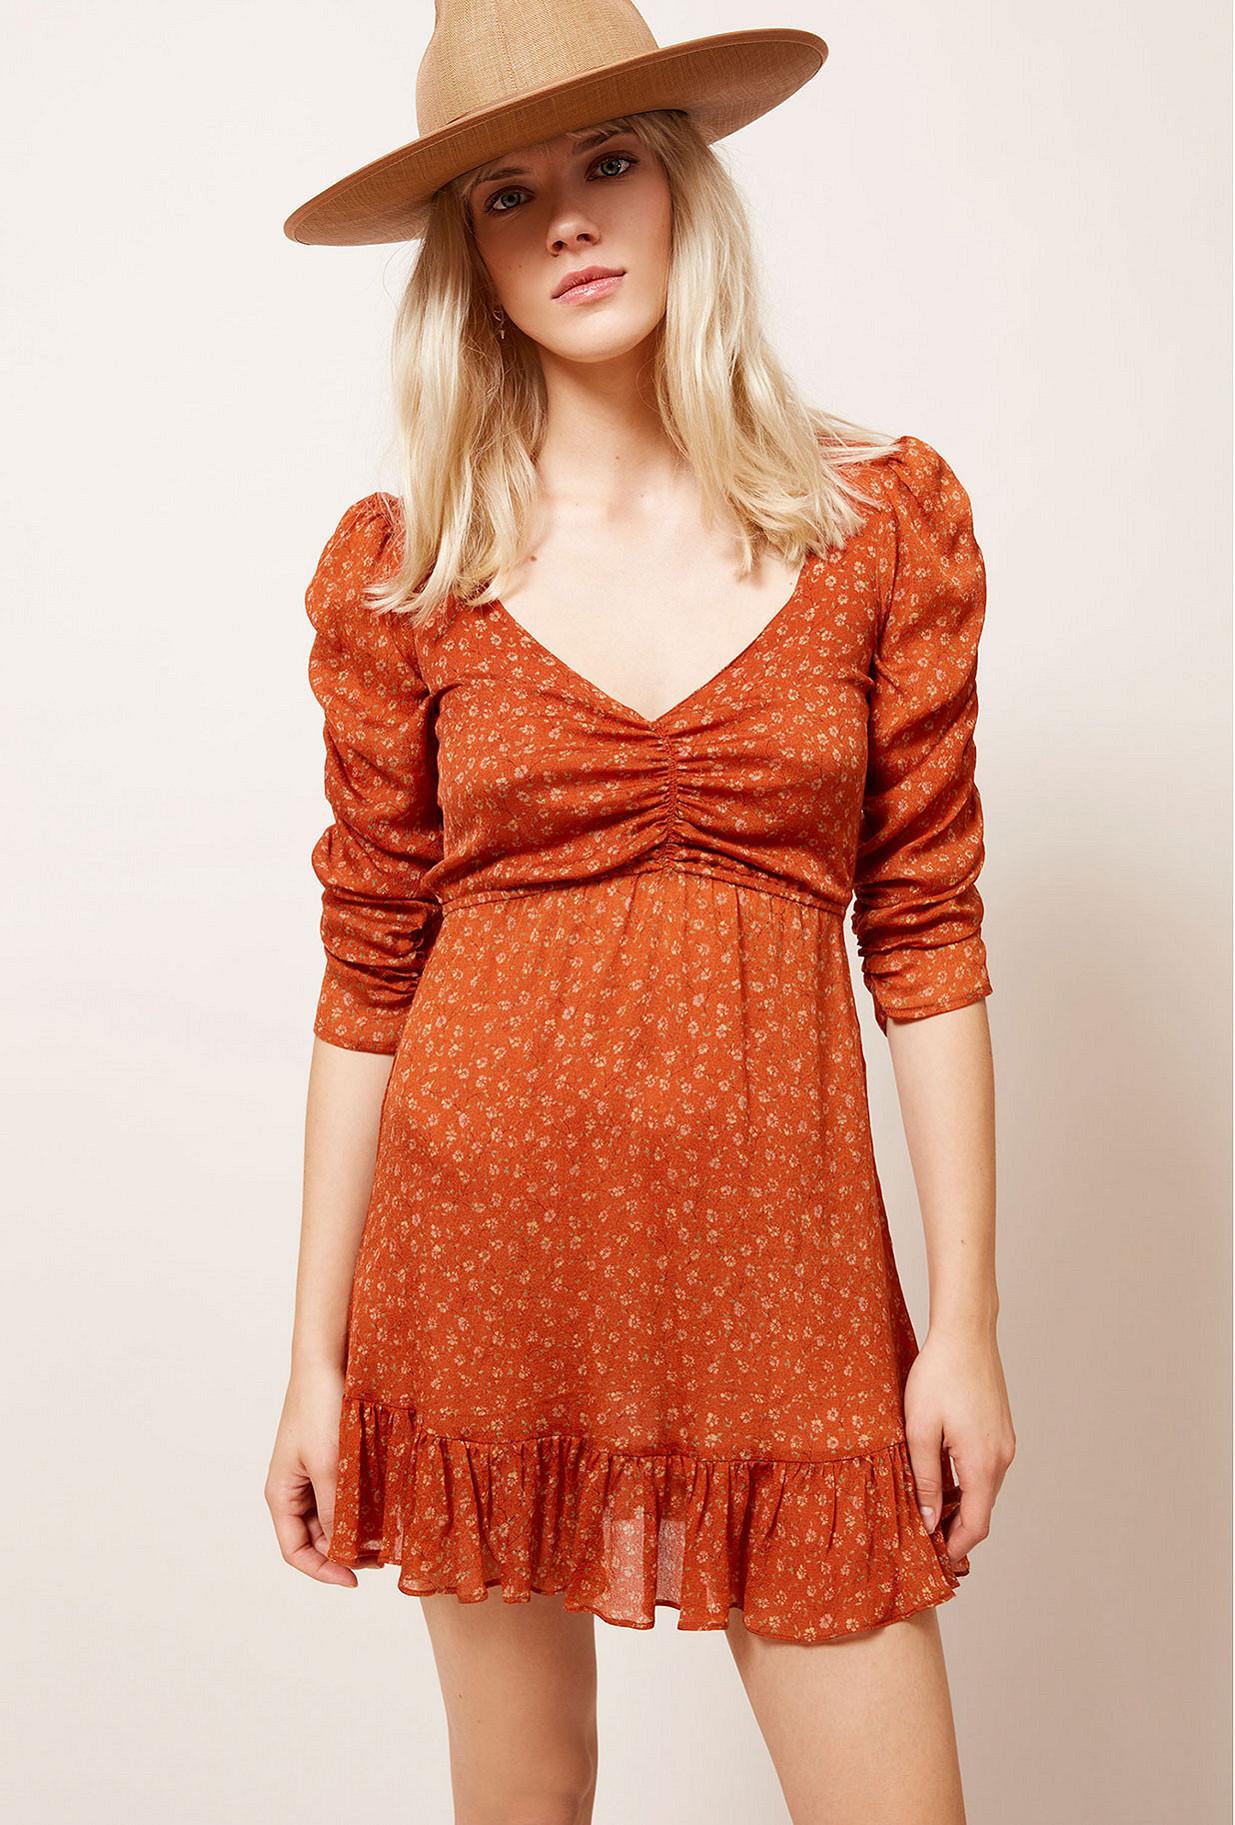 Robe Orange  Francesca mes demoiselles paris vêtement femme paris